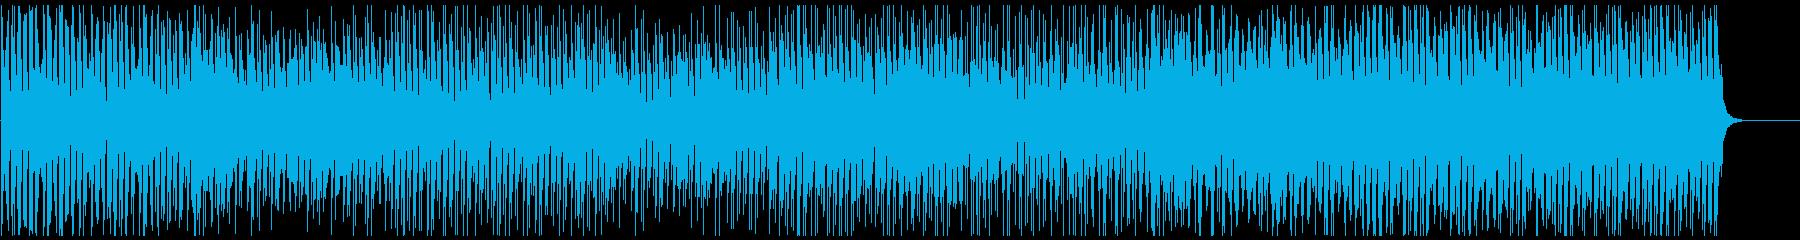 沖縄のエイサー系BGMの再生済みの波形